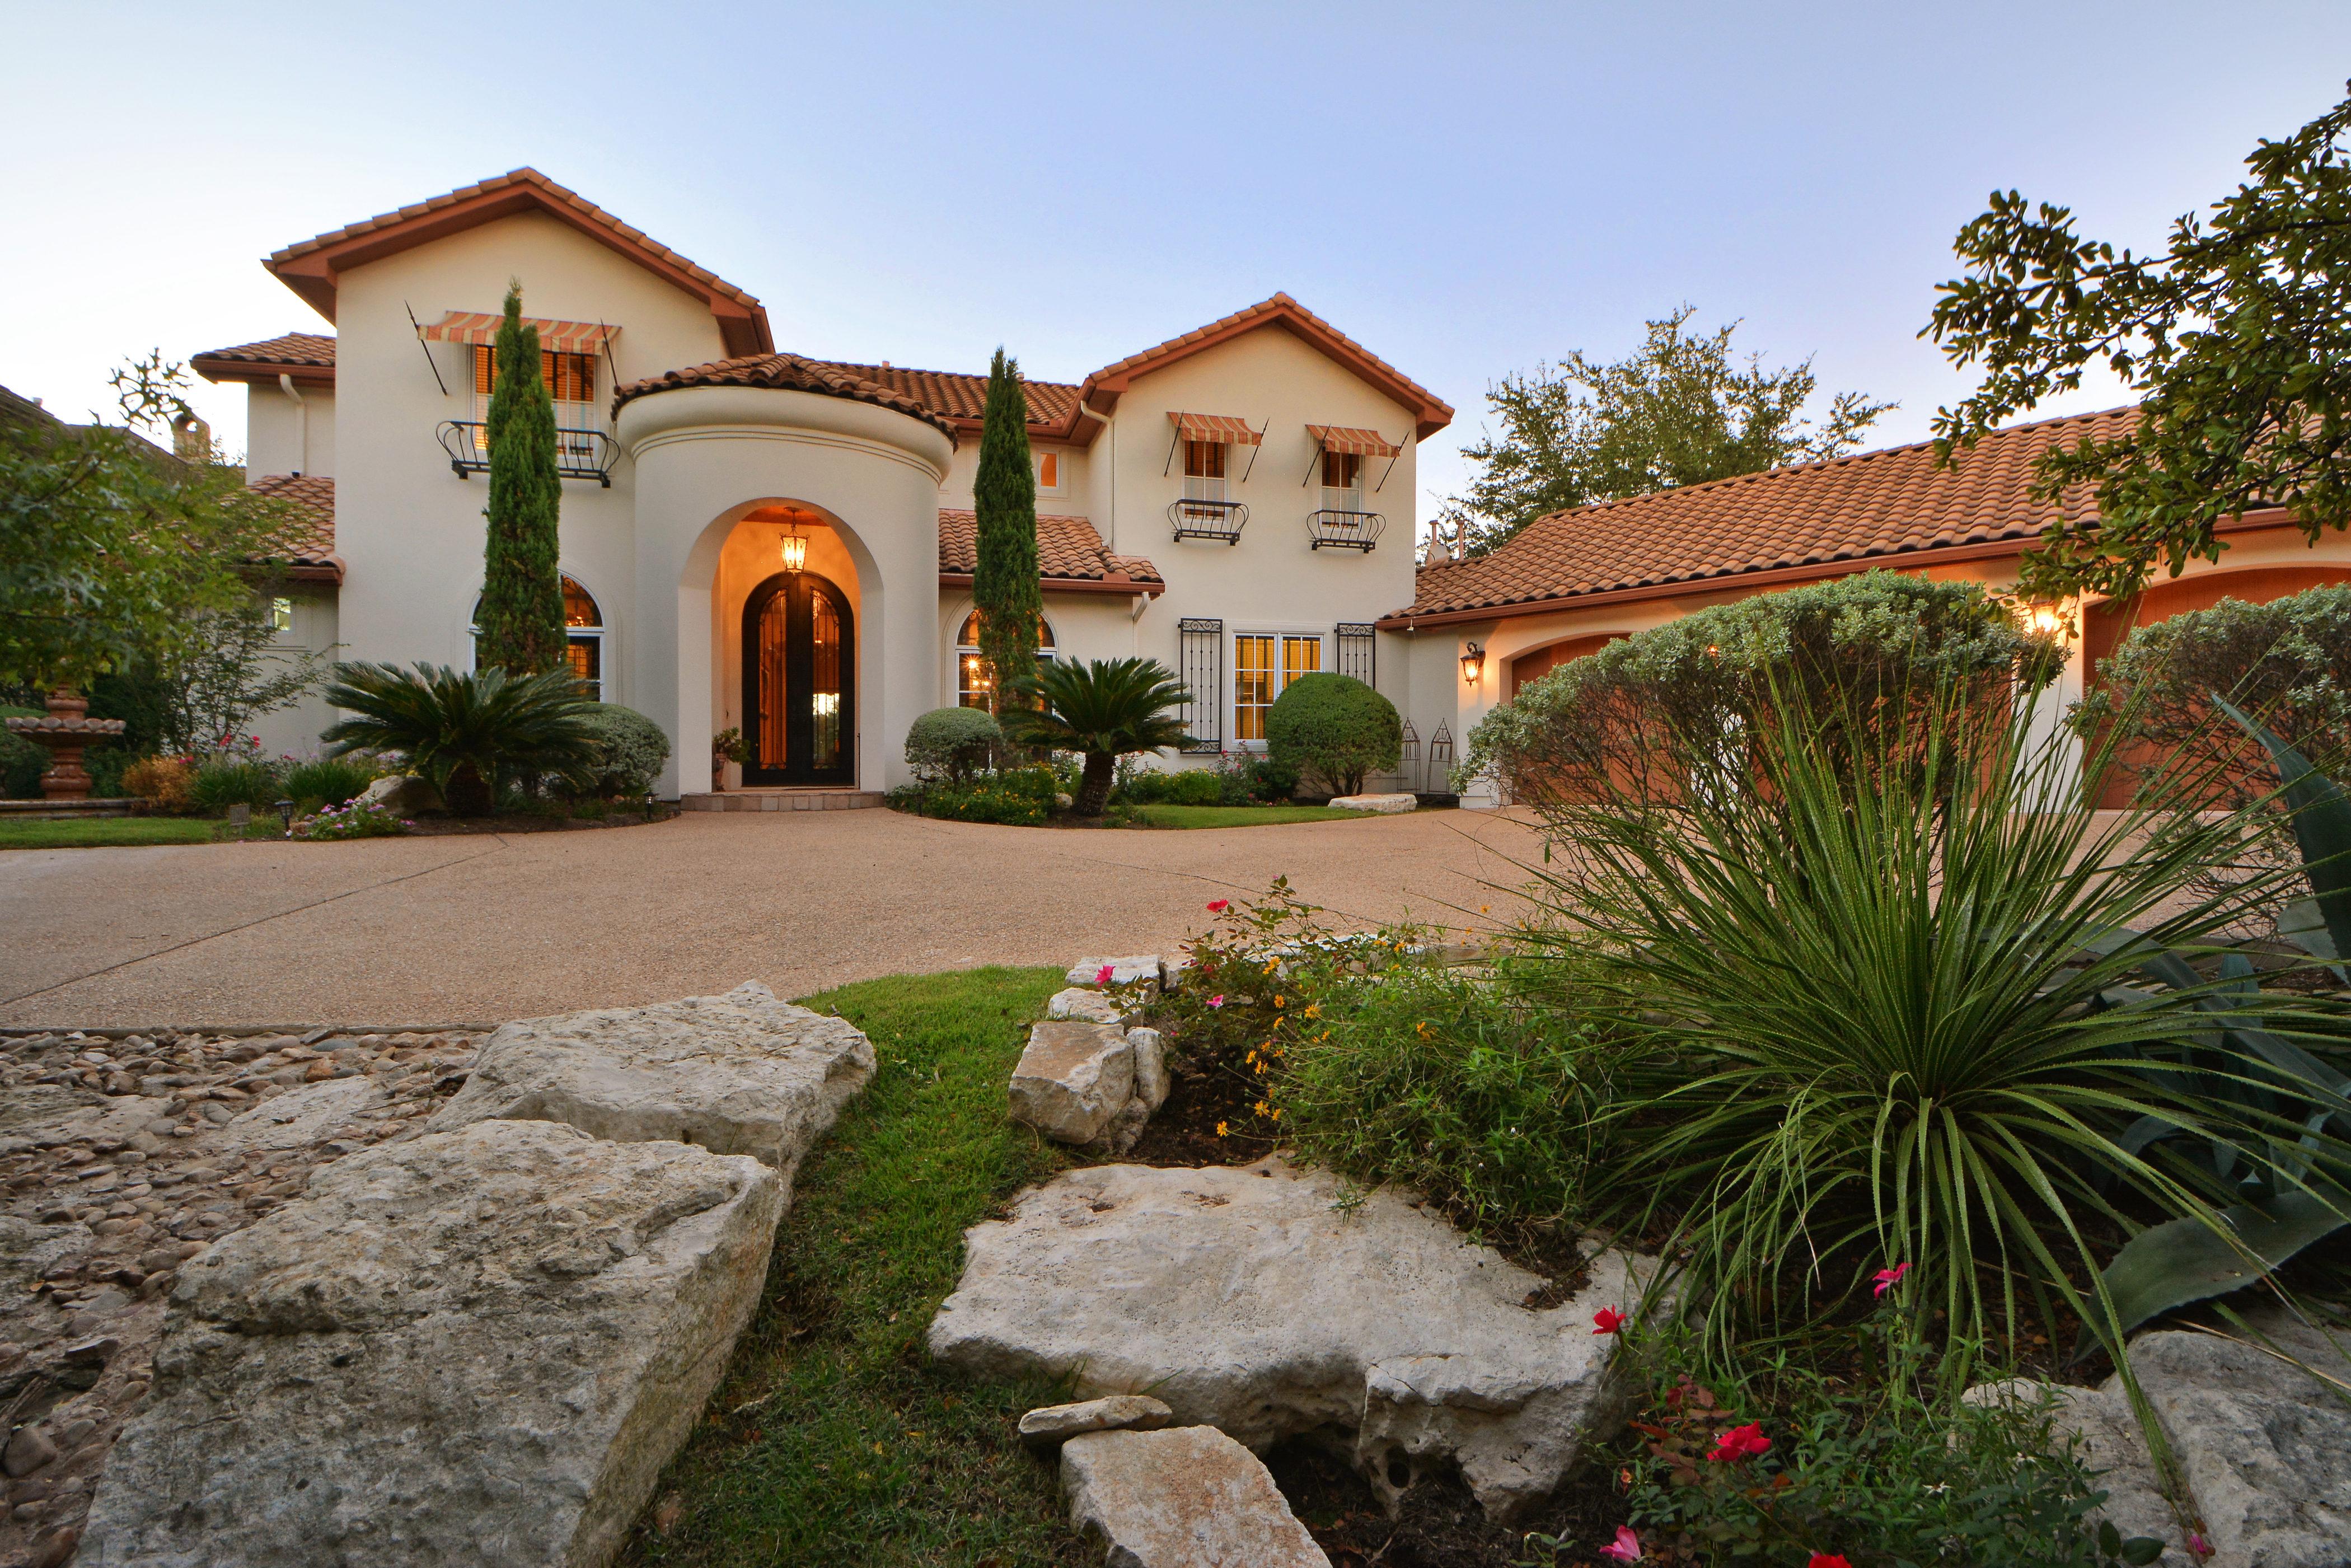 Casa Unifamiliar por un Venta en Barton Creek Luxury 1304 Barton Creek Blvd Austin, Texas 78735 Estados Unidos